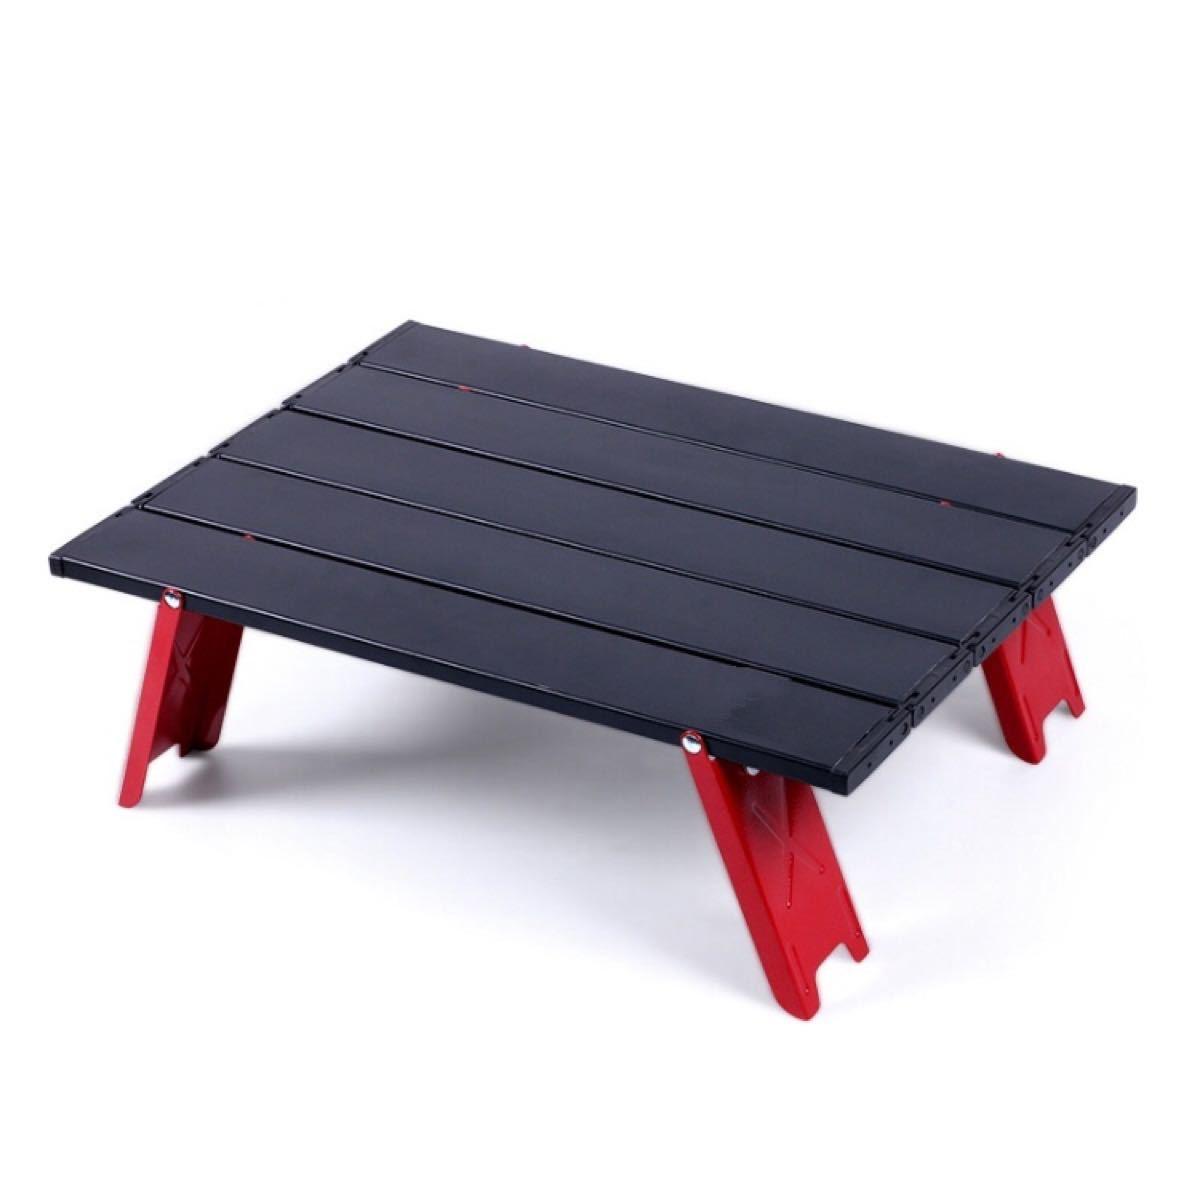 アルミロールテーブル  折り畳みテーブル アウトドアテーブル 専用ショルダー収納袋付き ブラックレッドスタンド 軽量